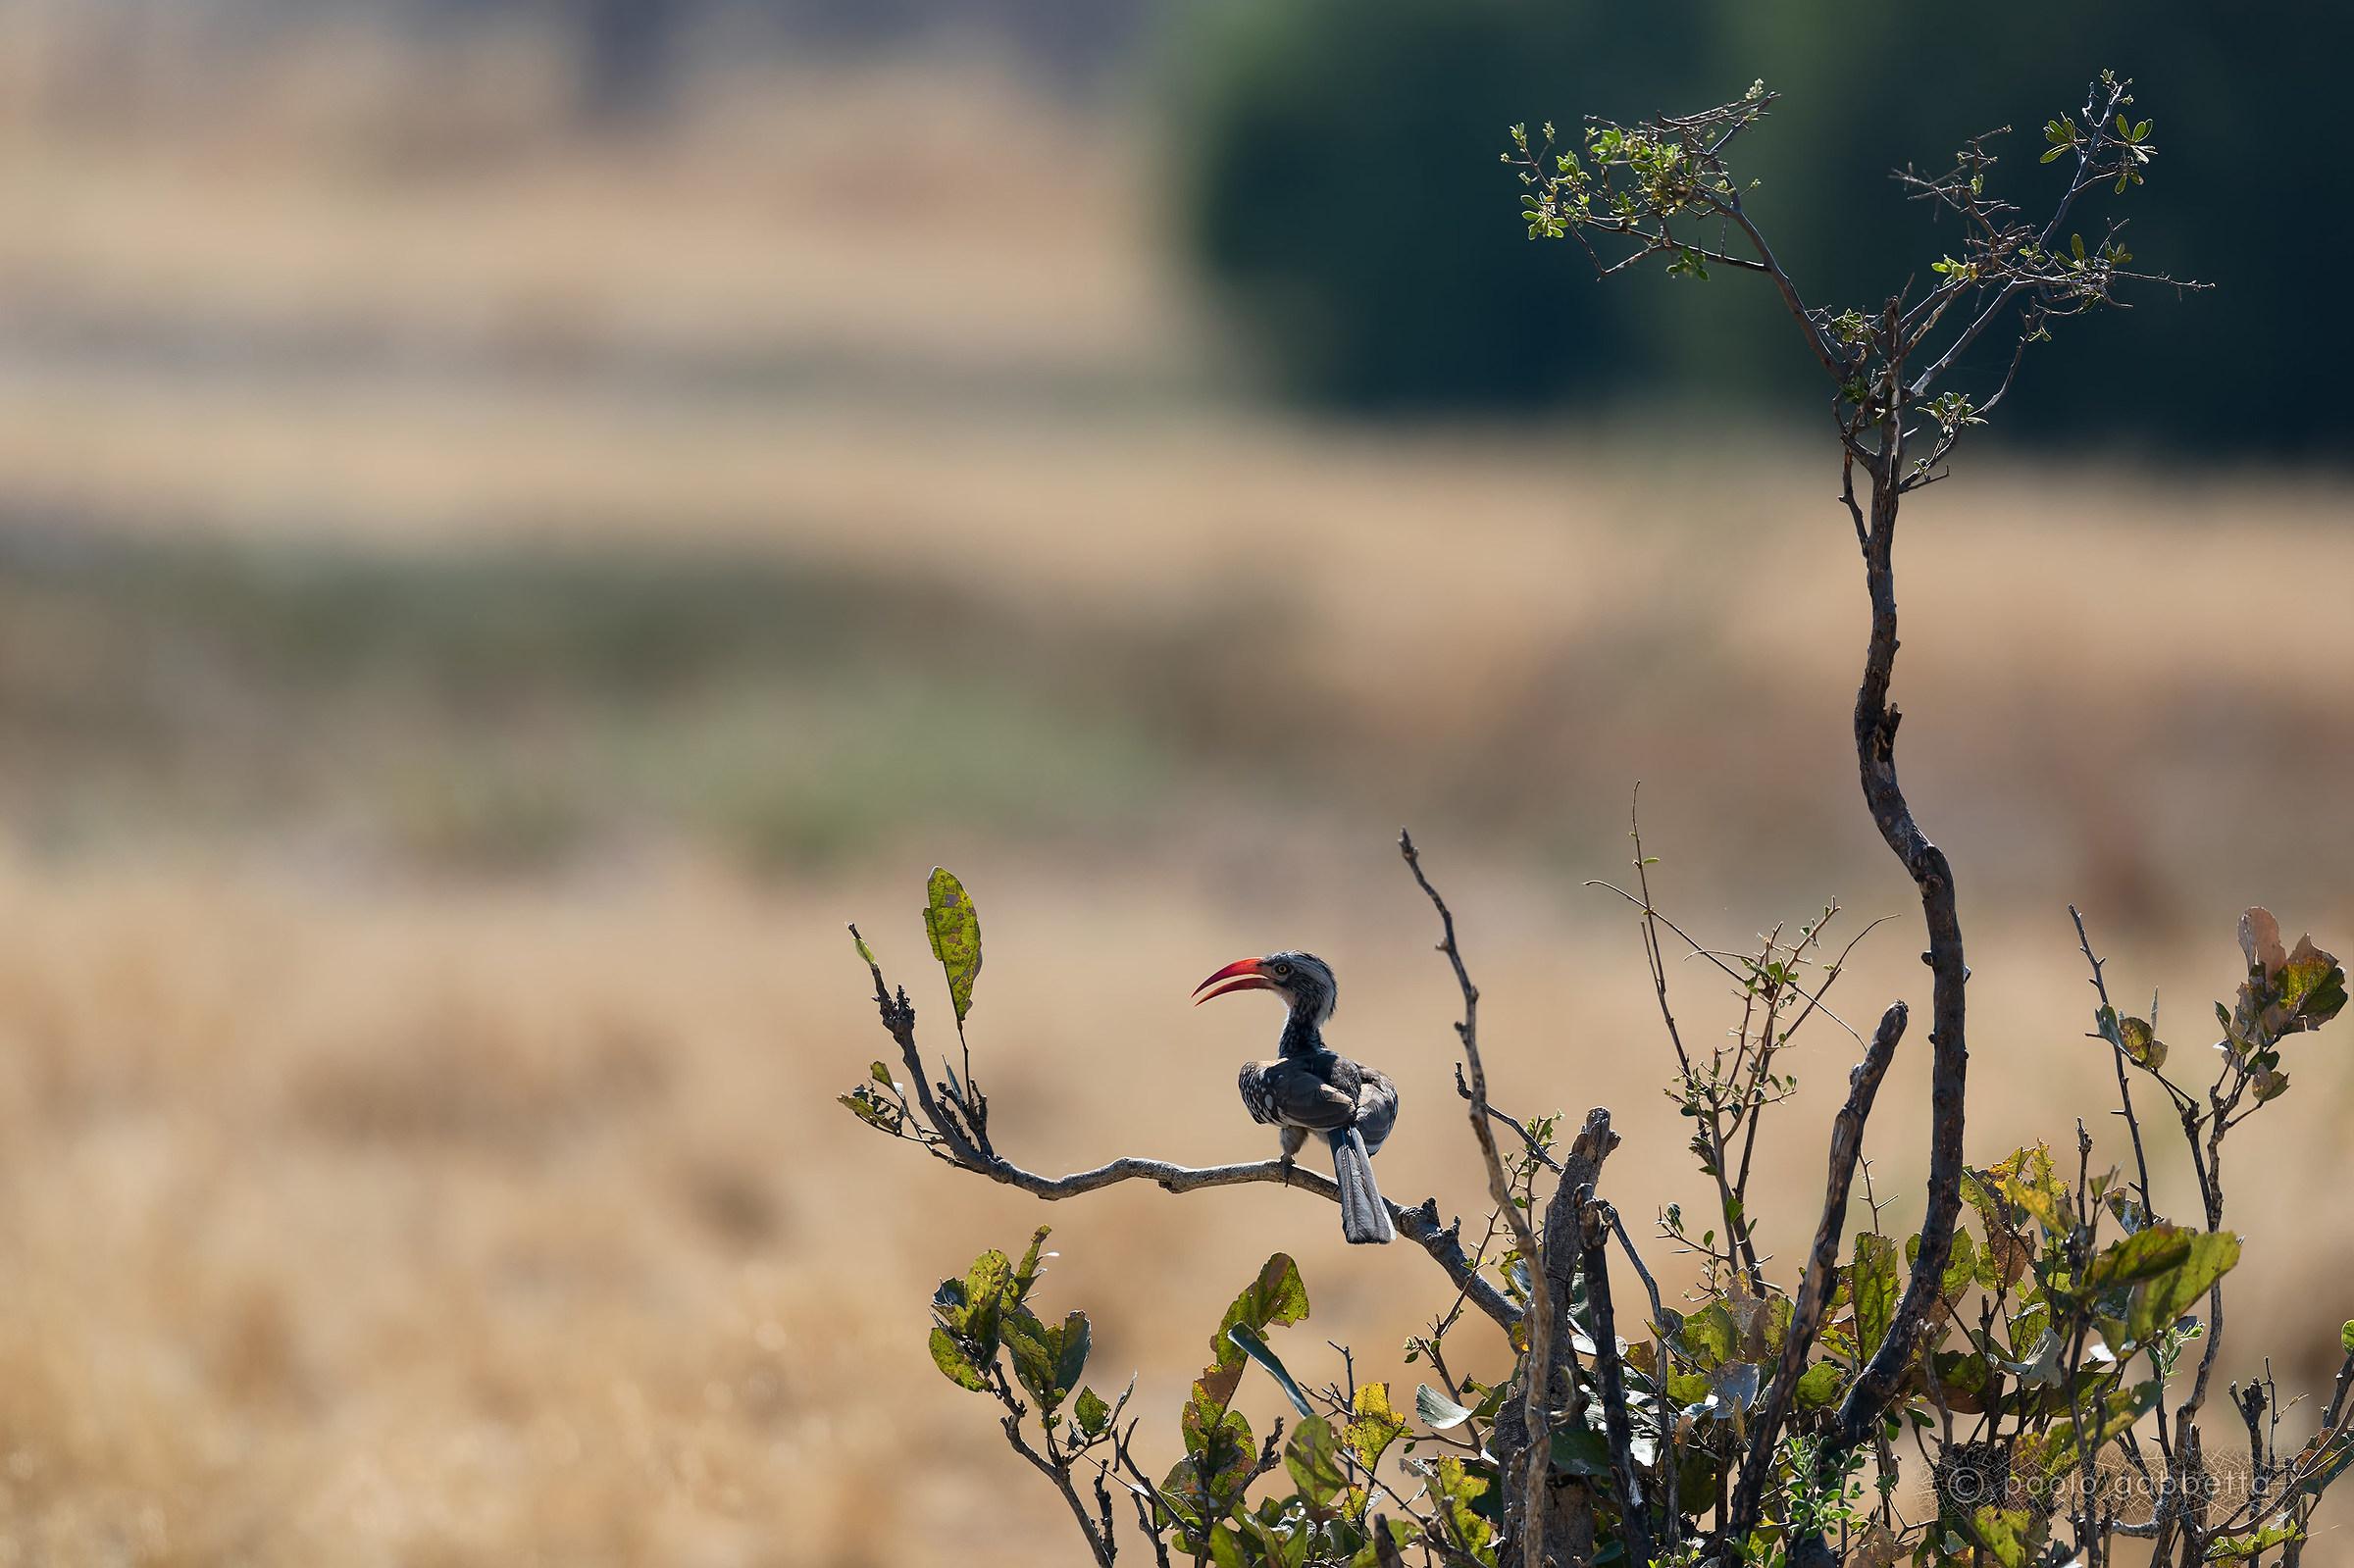 Reddish red beak...